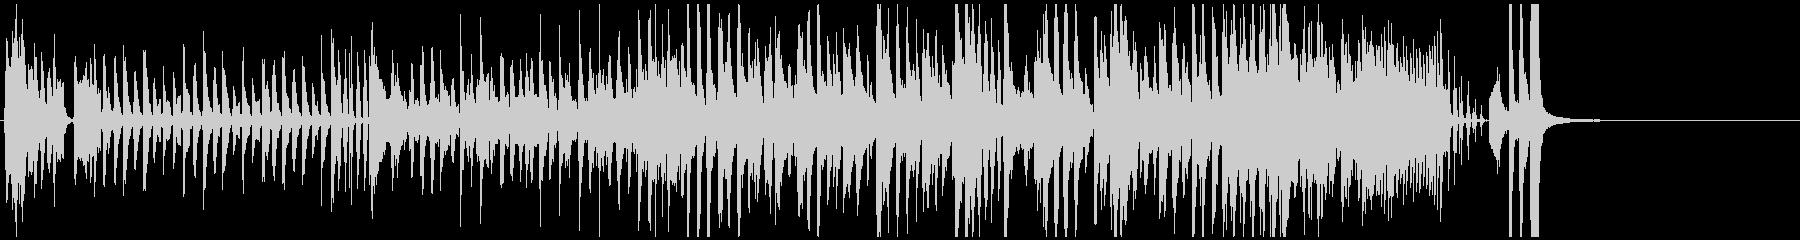 1分!ジャズ系ハロウィンver.2 の未再生の波形